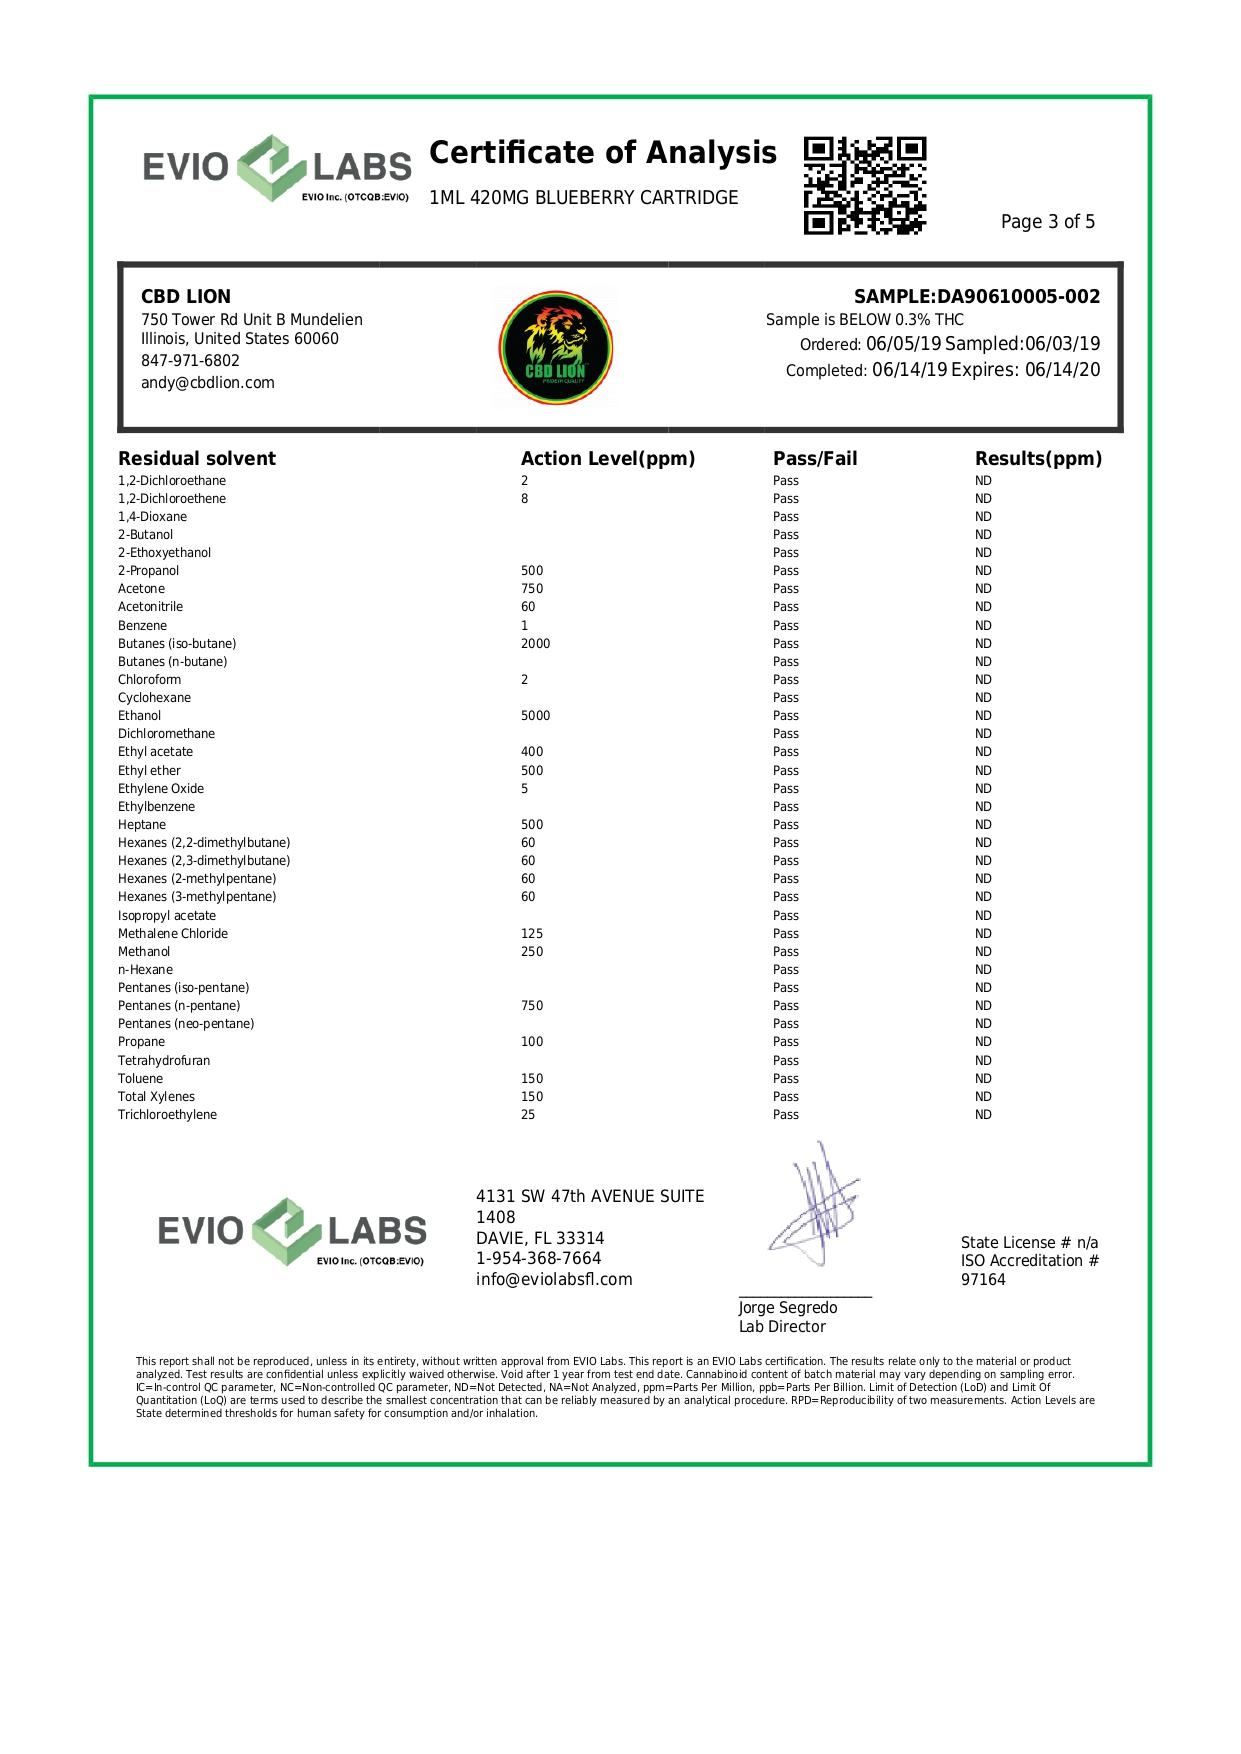 CBD Lion CBD Cartridge Blueberry 420mg Lab Report